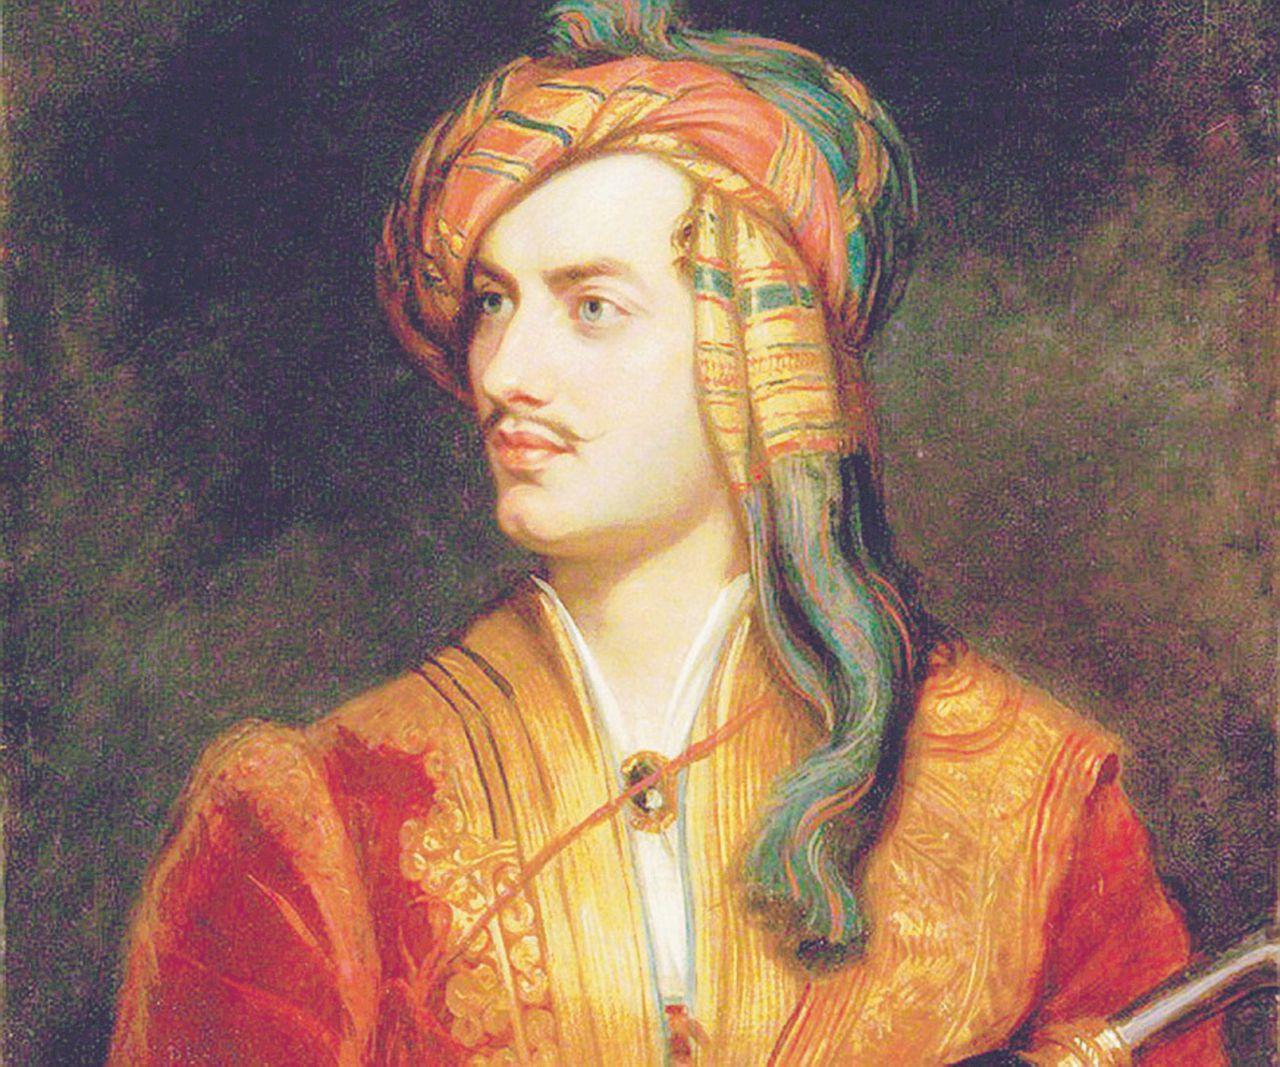 Gli amori illeciti di Lord Byron finiti nel falò dell'editore